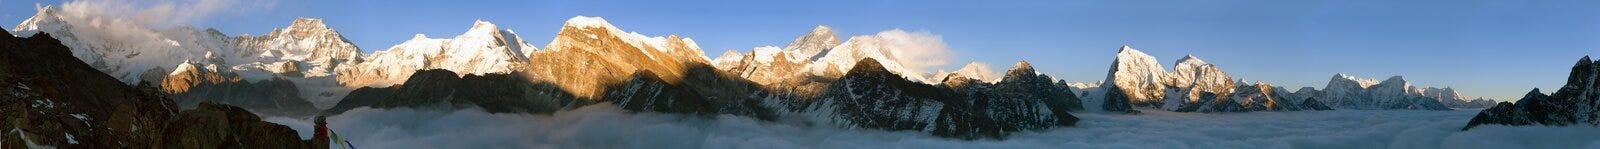 Opinião Monte Everest, Lhotse, Makalu e Cho Oyu Fotos de Stock